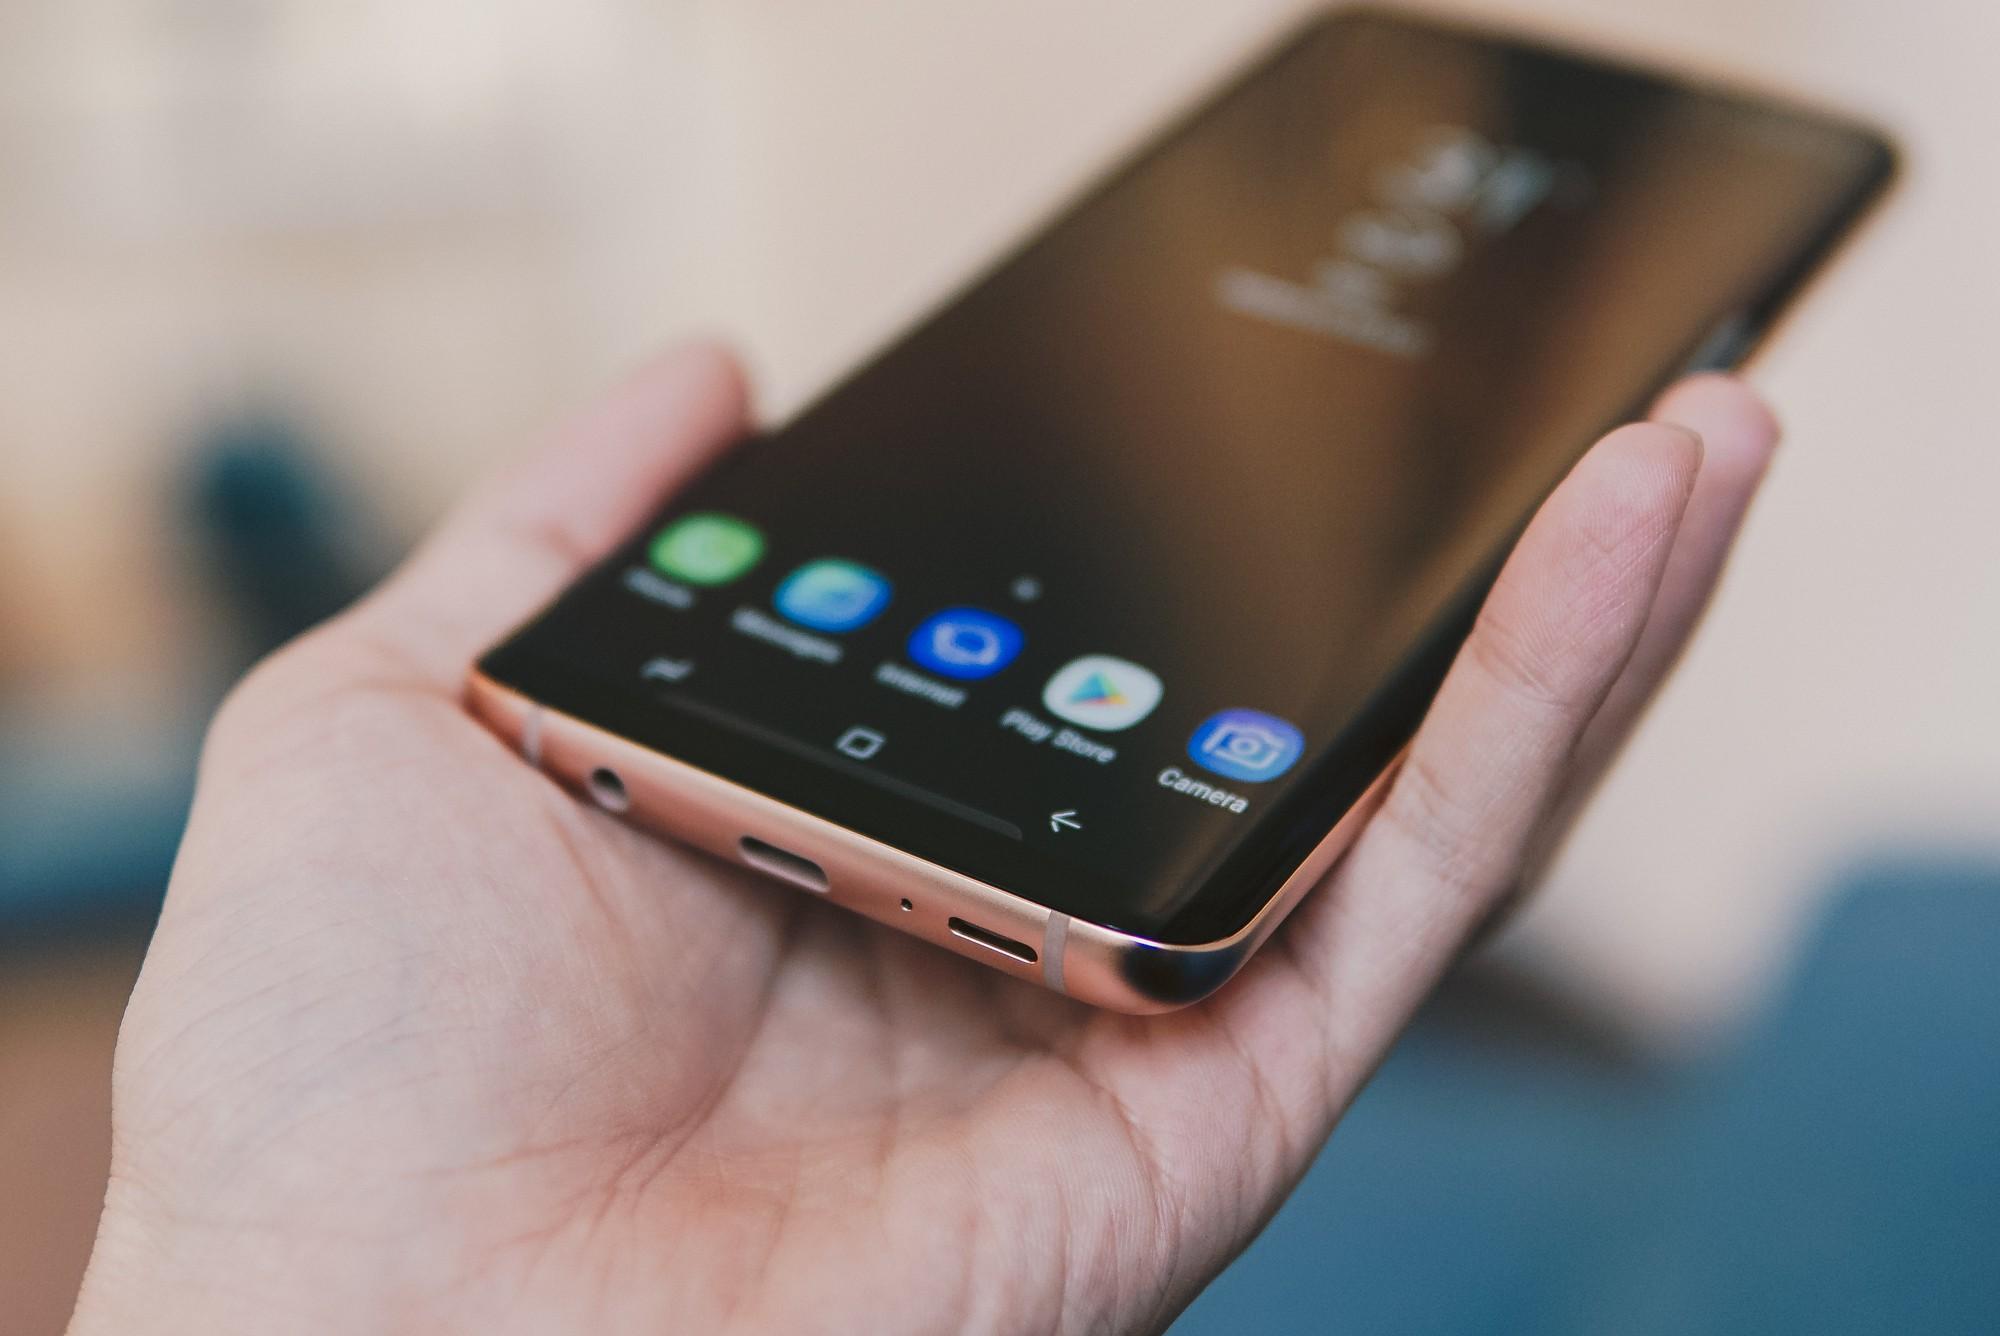 Bằng Galaxy S9+ Hoàng Kim, Samsung chứng tỏ vị trí dẫn đầu thiết kế trên smartphone - Ảnh 6.